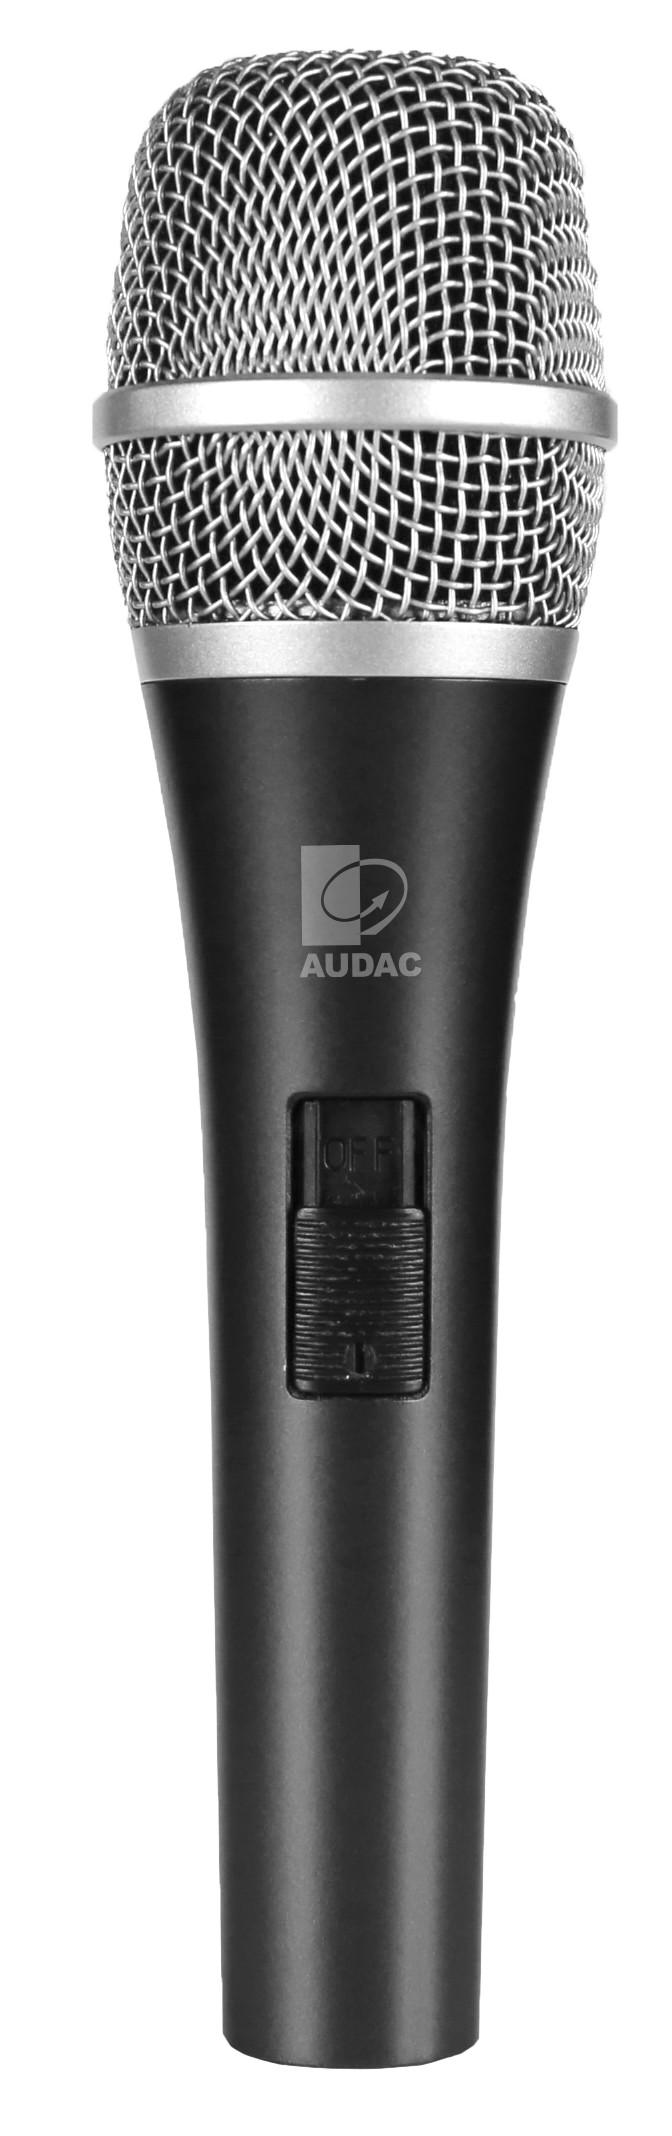 Audac M97